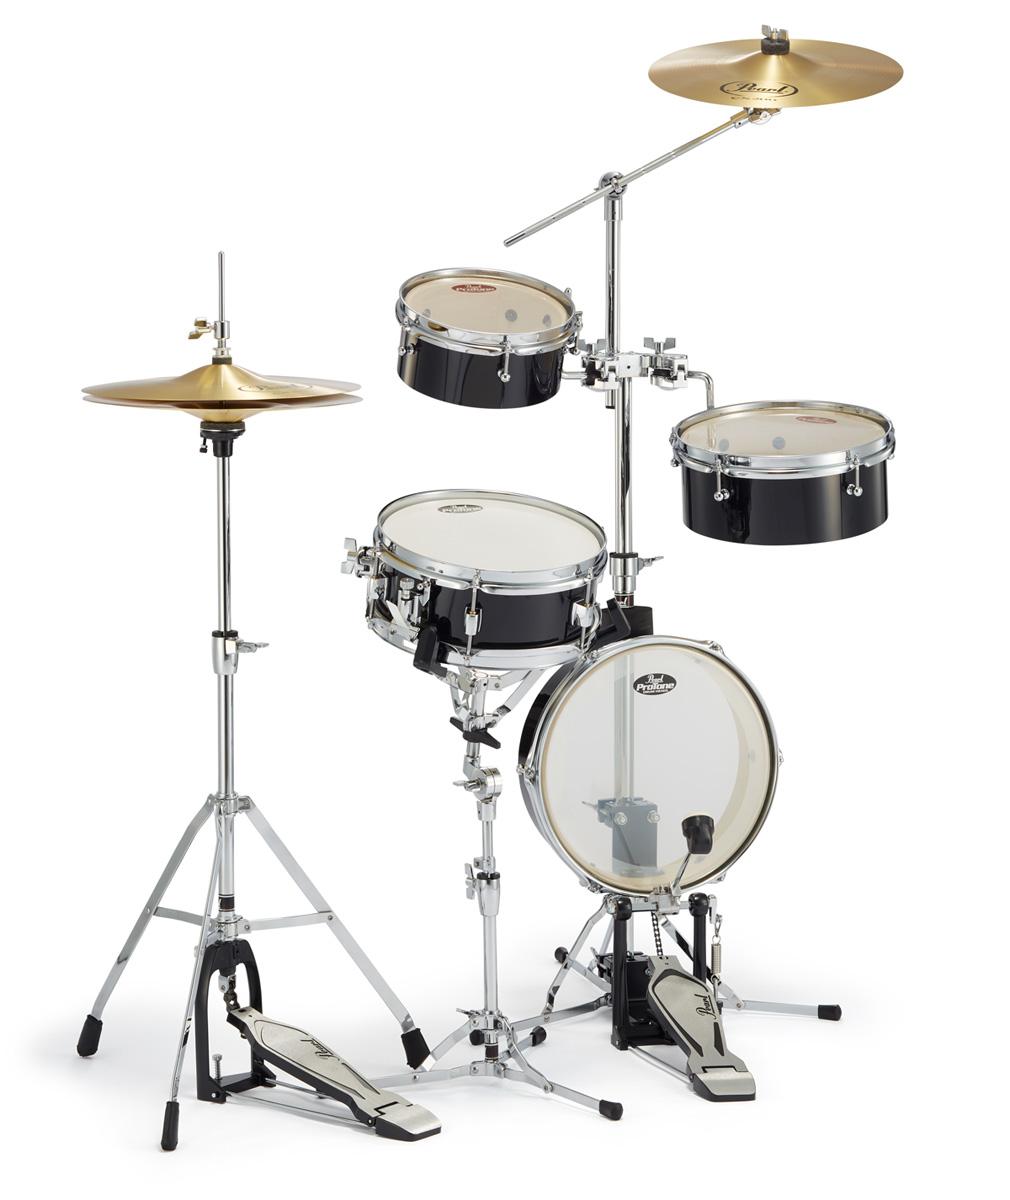 Pearl ドラムセット RT-5124N #31ジェットブラック パール リムトラベラー・ライト